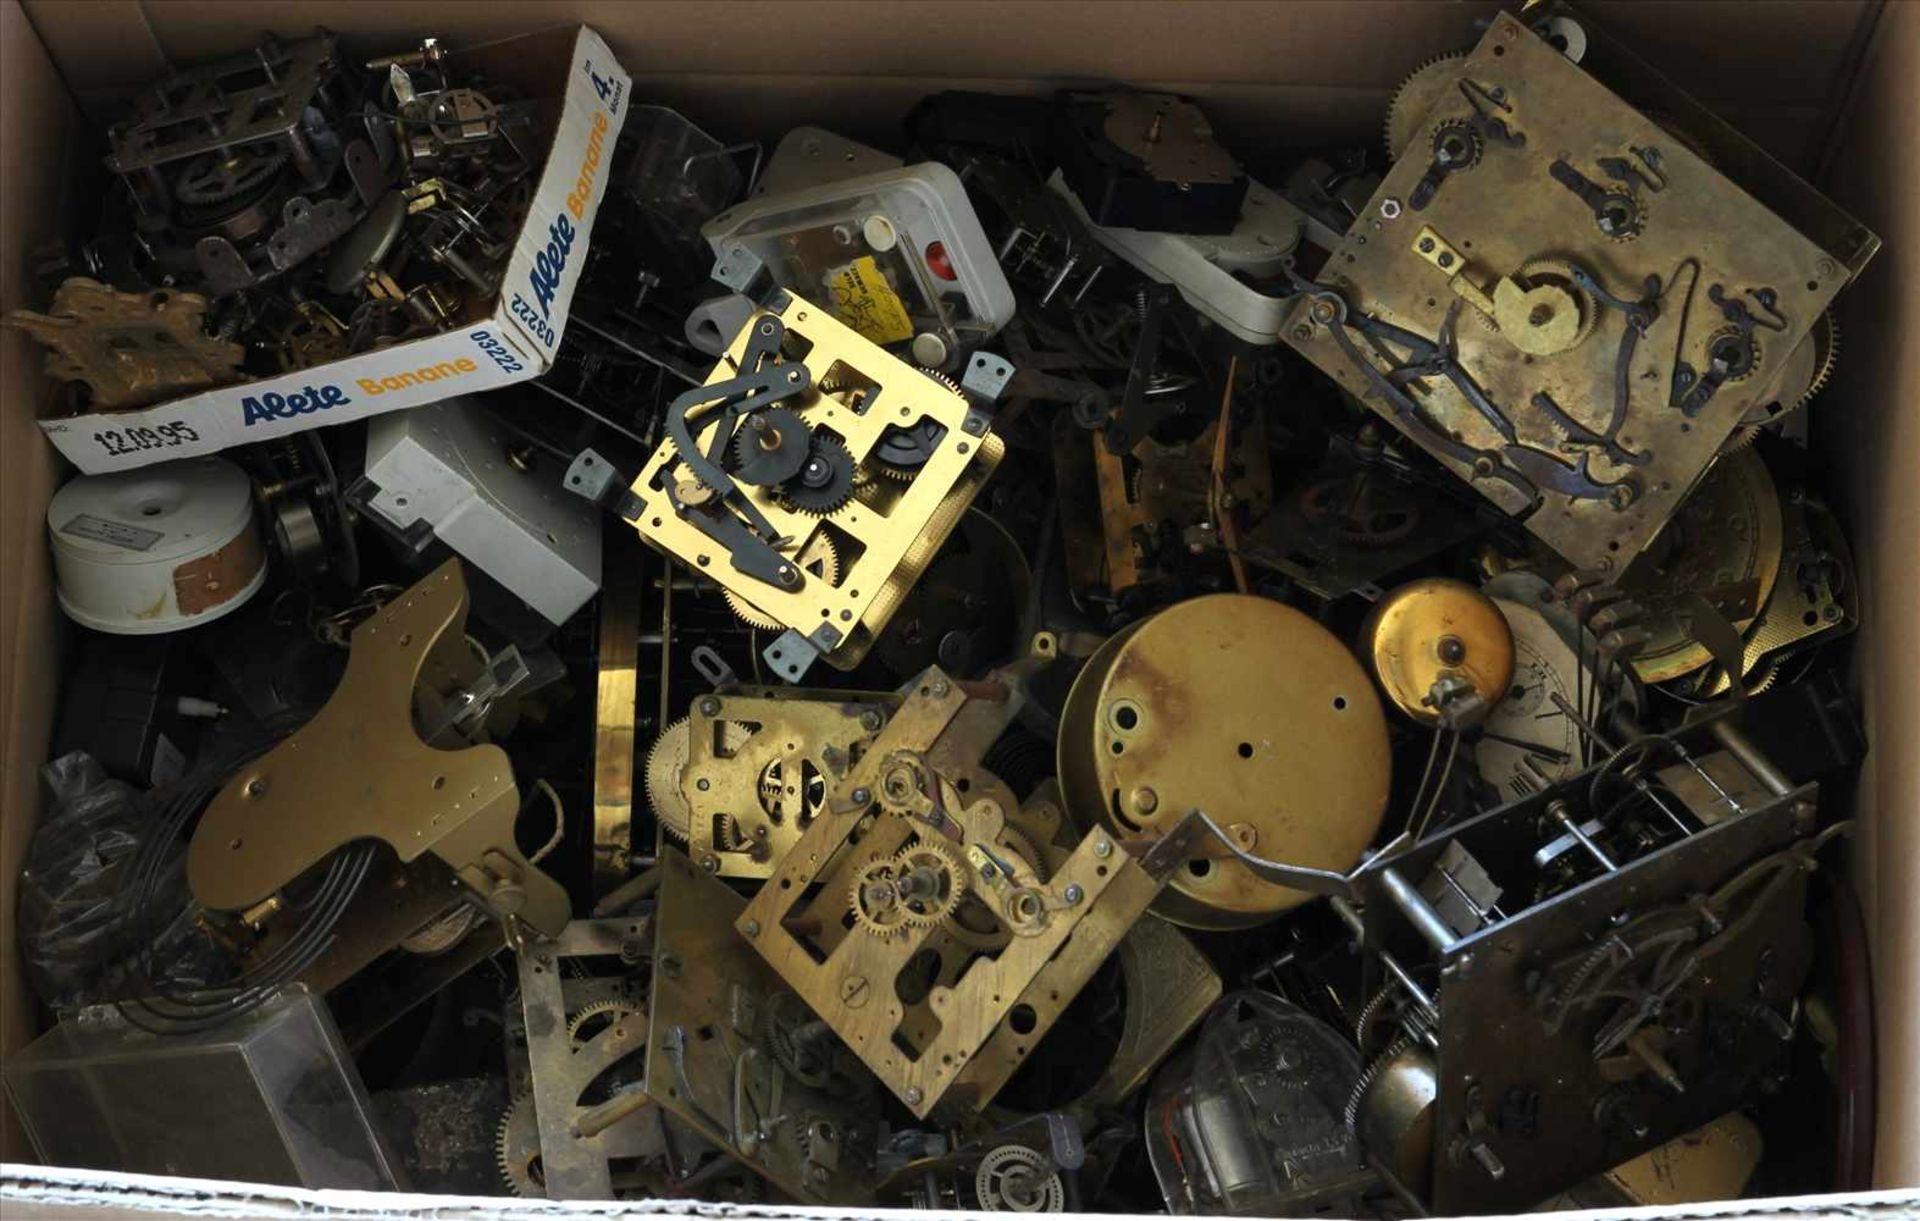 Los 15 - Konvolut UhrenteileMeist Werke für Regulatoren, teils 19. Jh. etc. Zustand wie abgebildet. Bitte